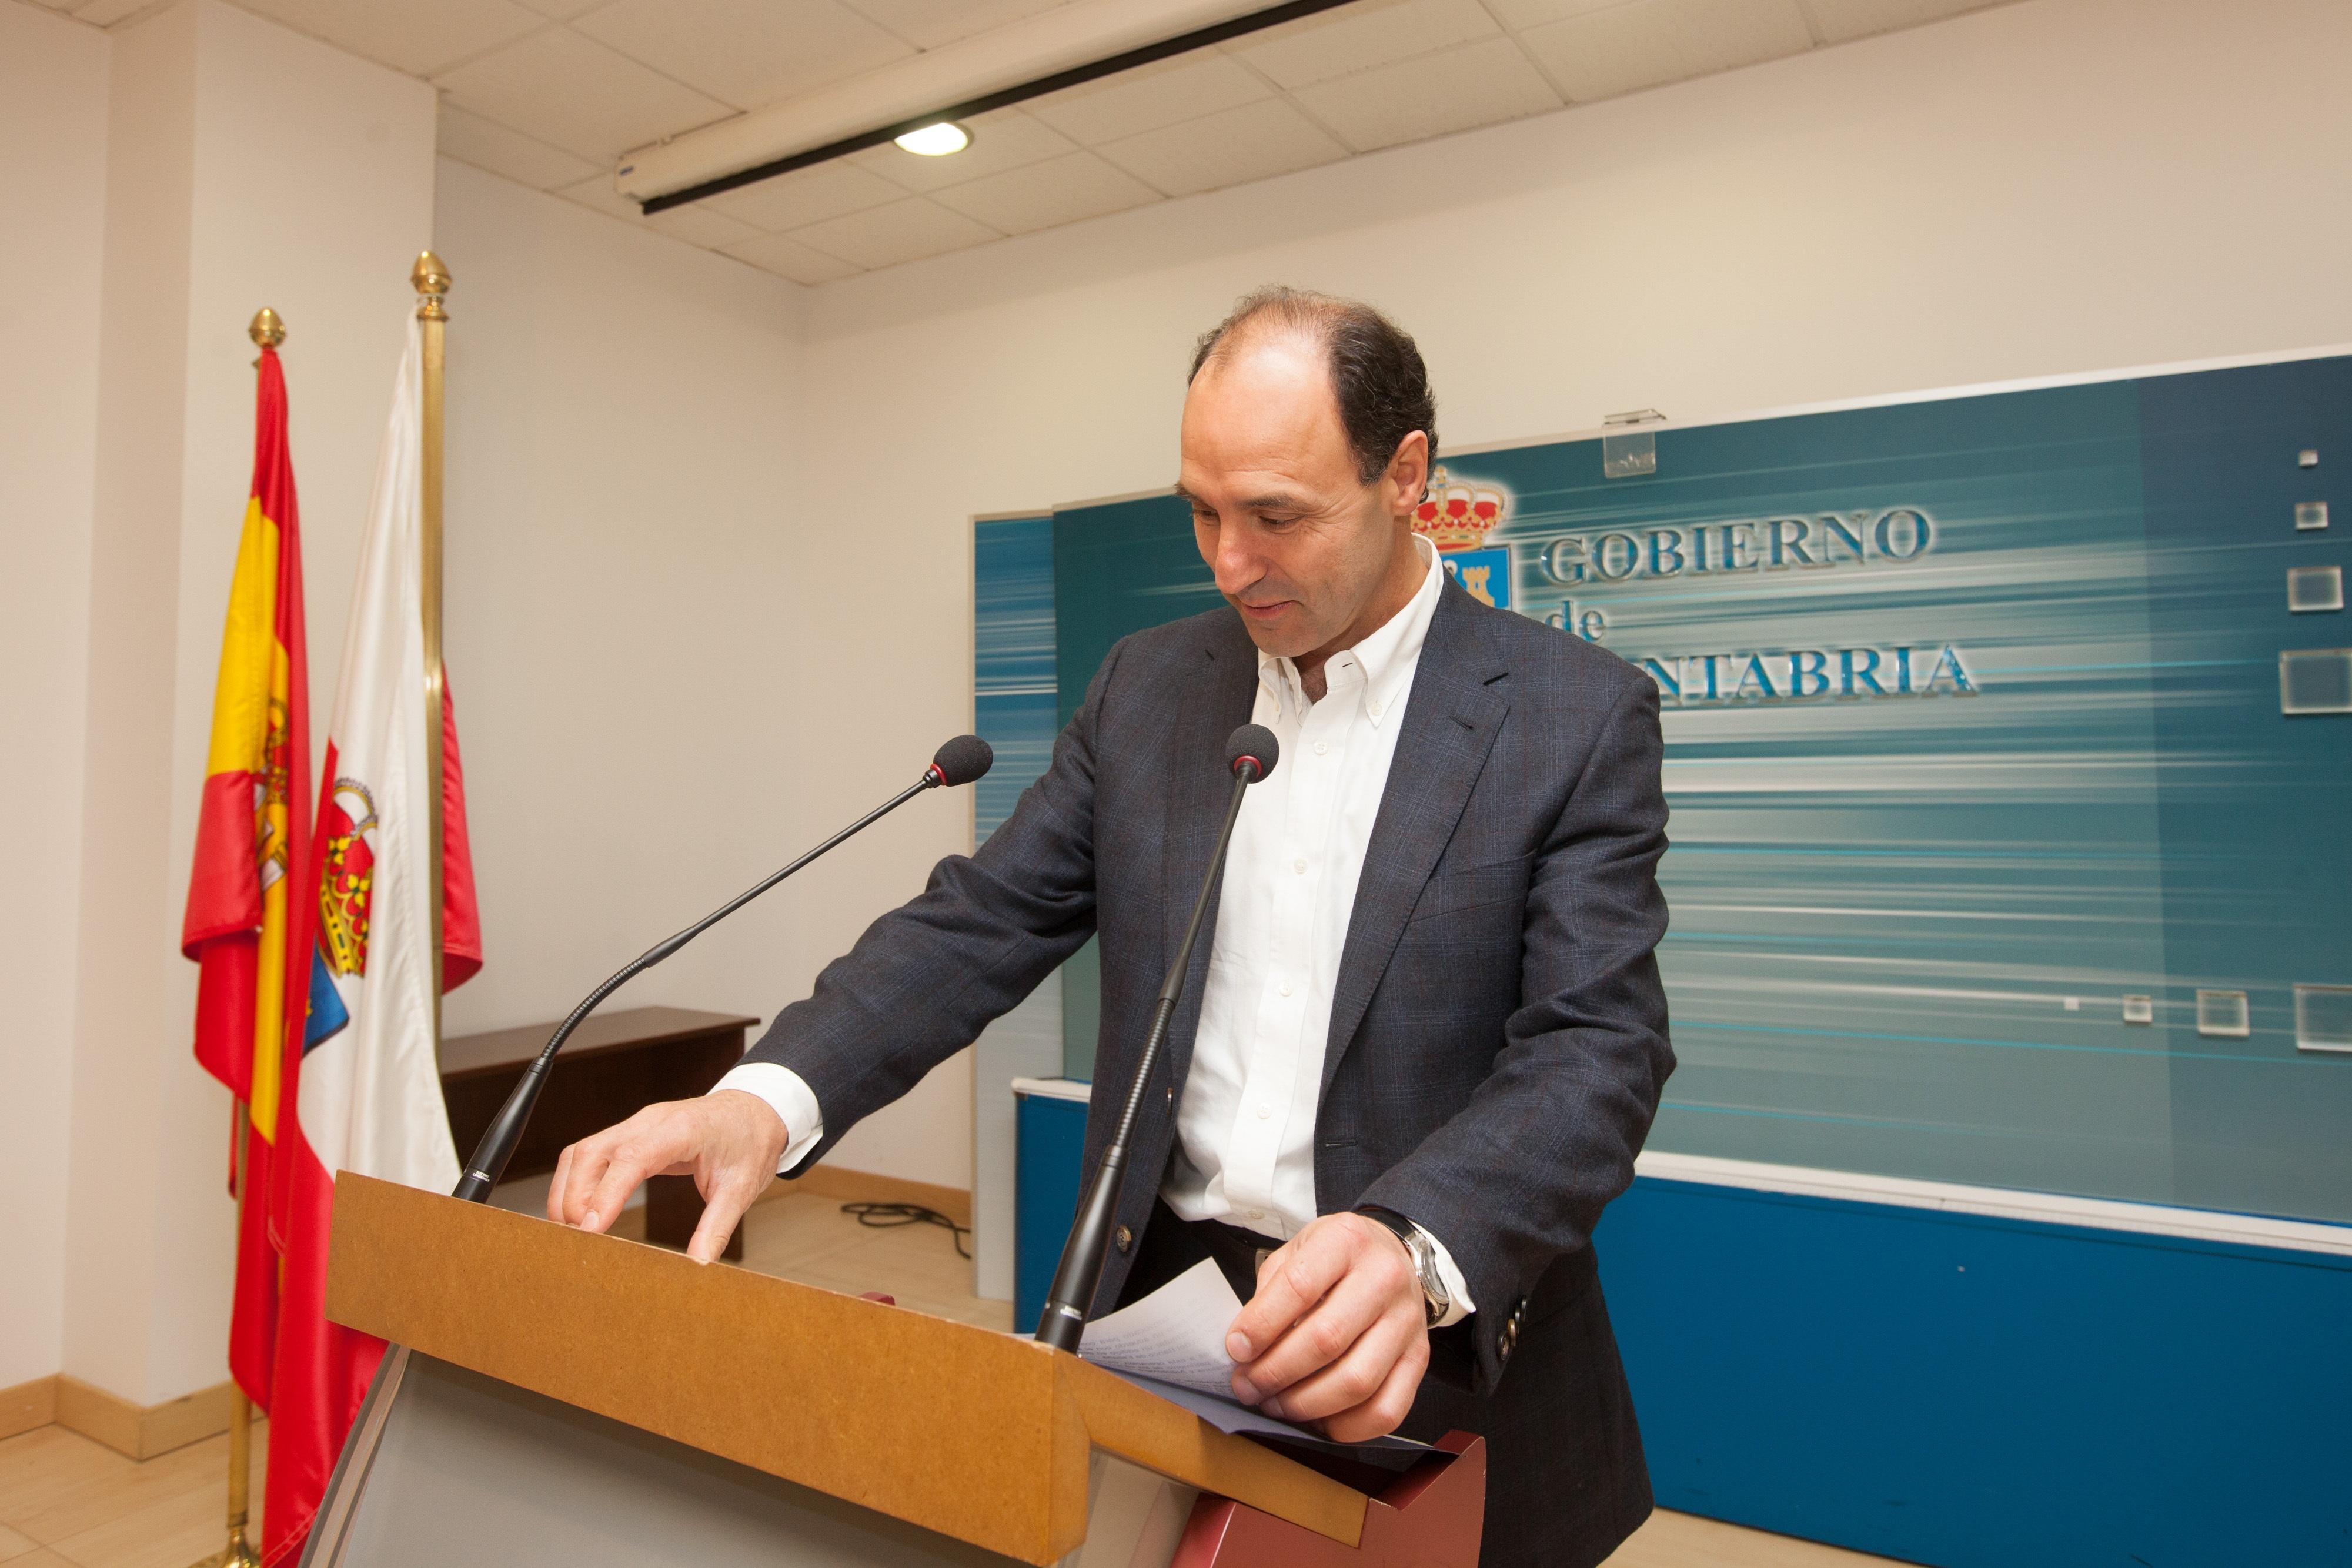 El Gobierno estudia «fórmulas» para bajar impuestos o aprobar ayudas en 2014